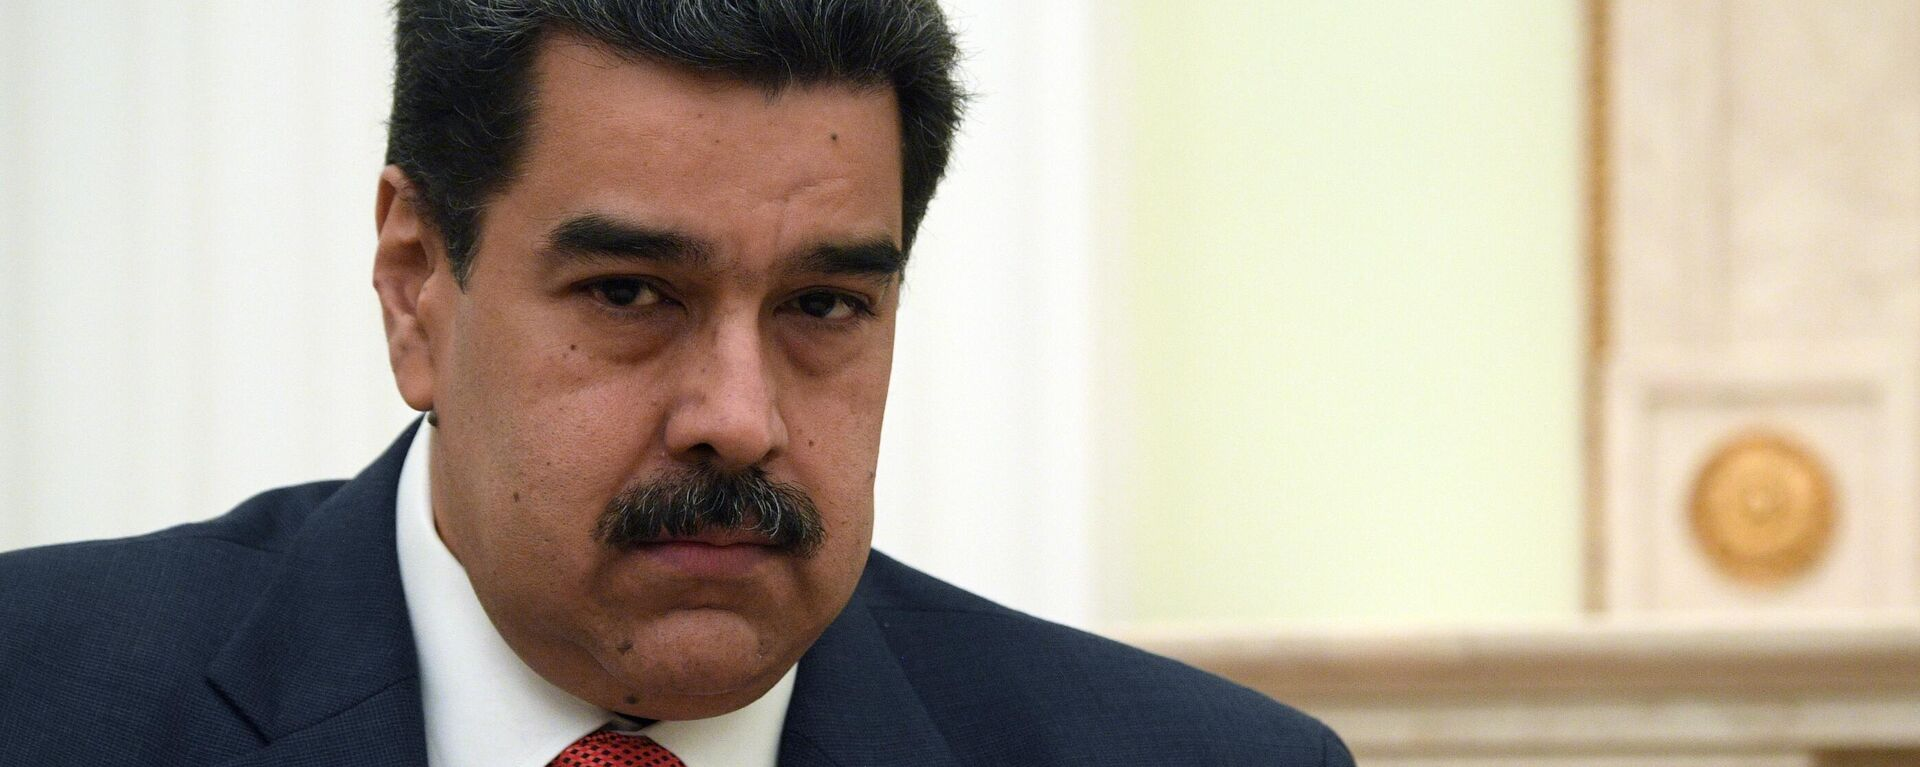 Venezuelas Präsident Nicolás Maduro (Archivfoto) - SNA, 1920, 13.07.2021